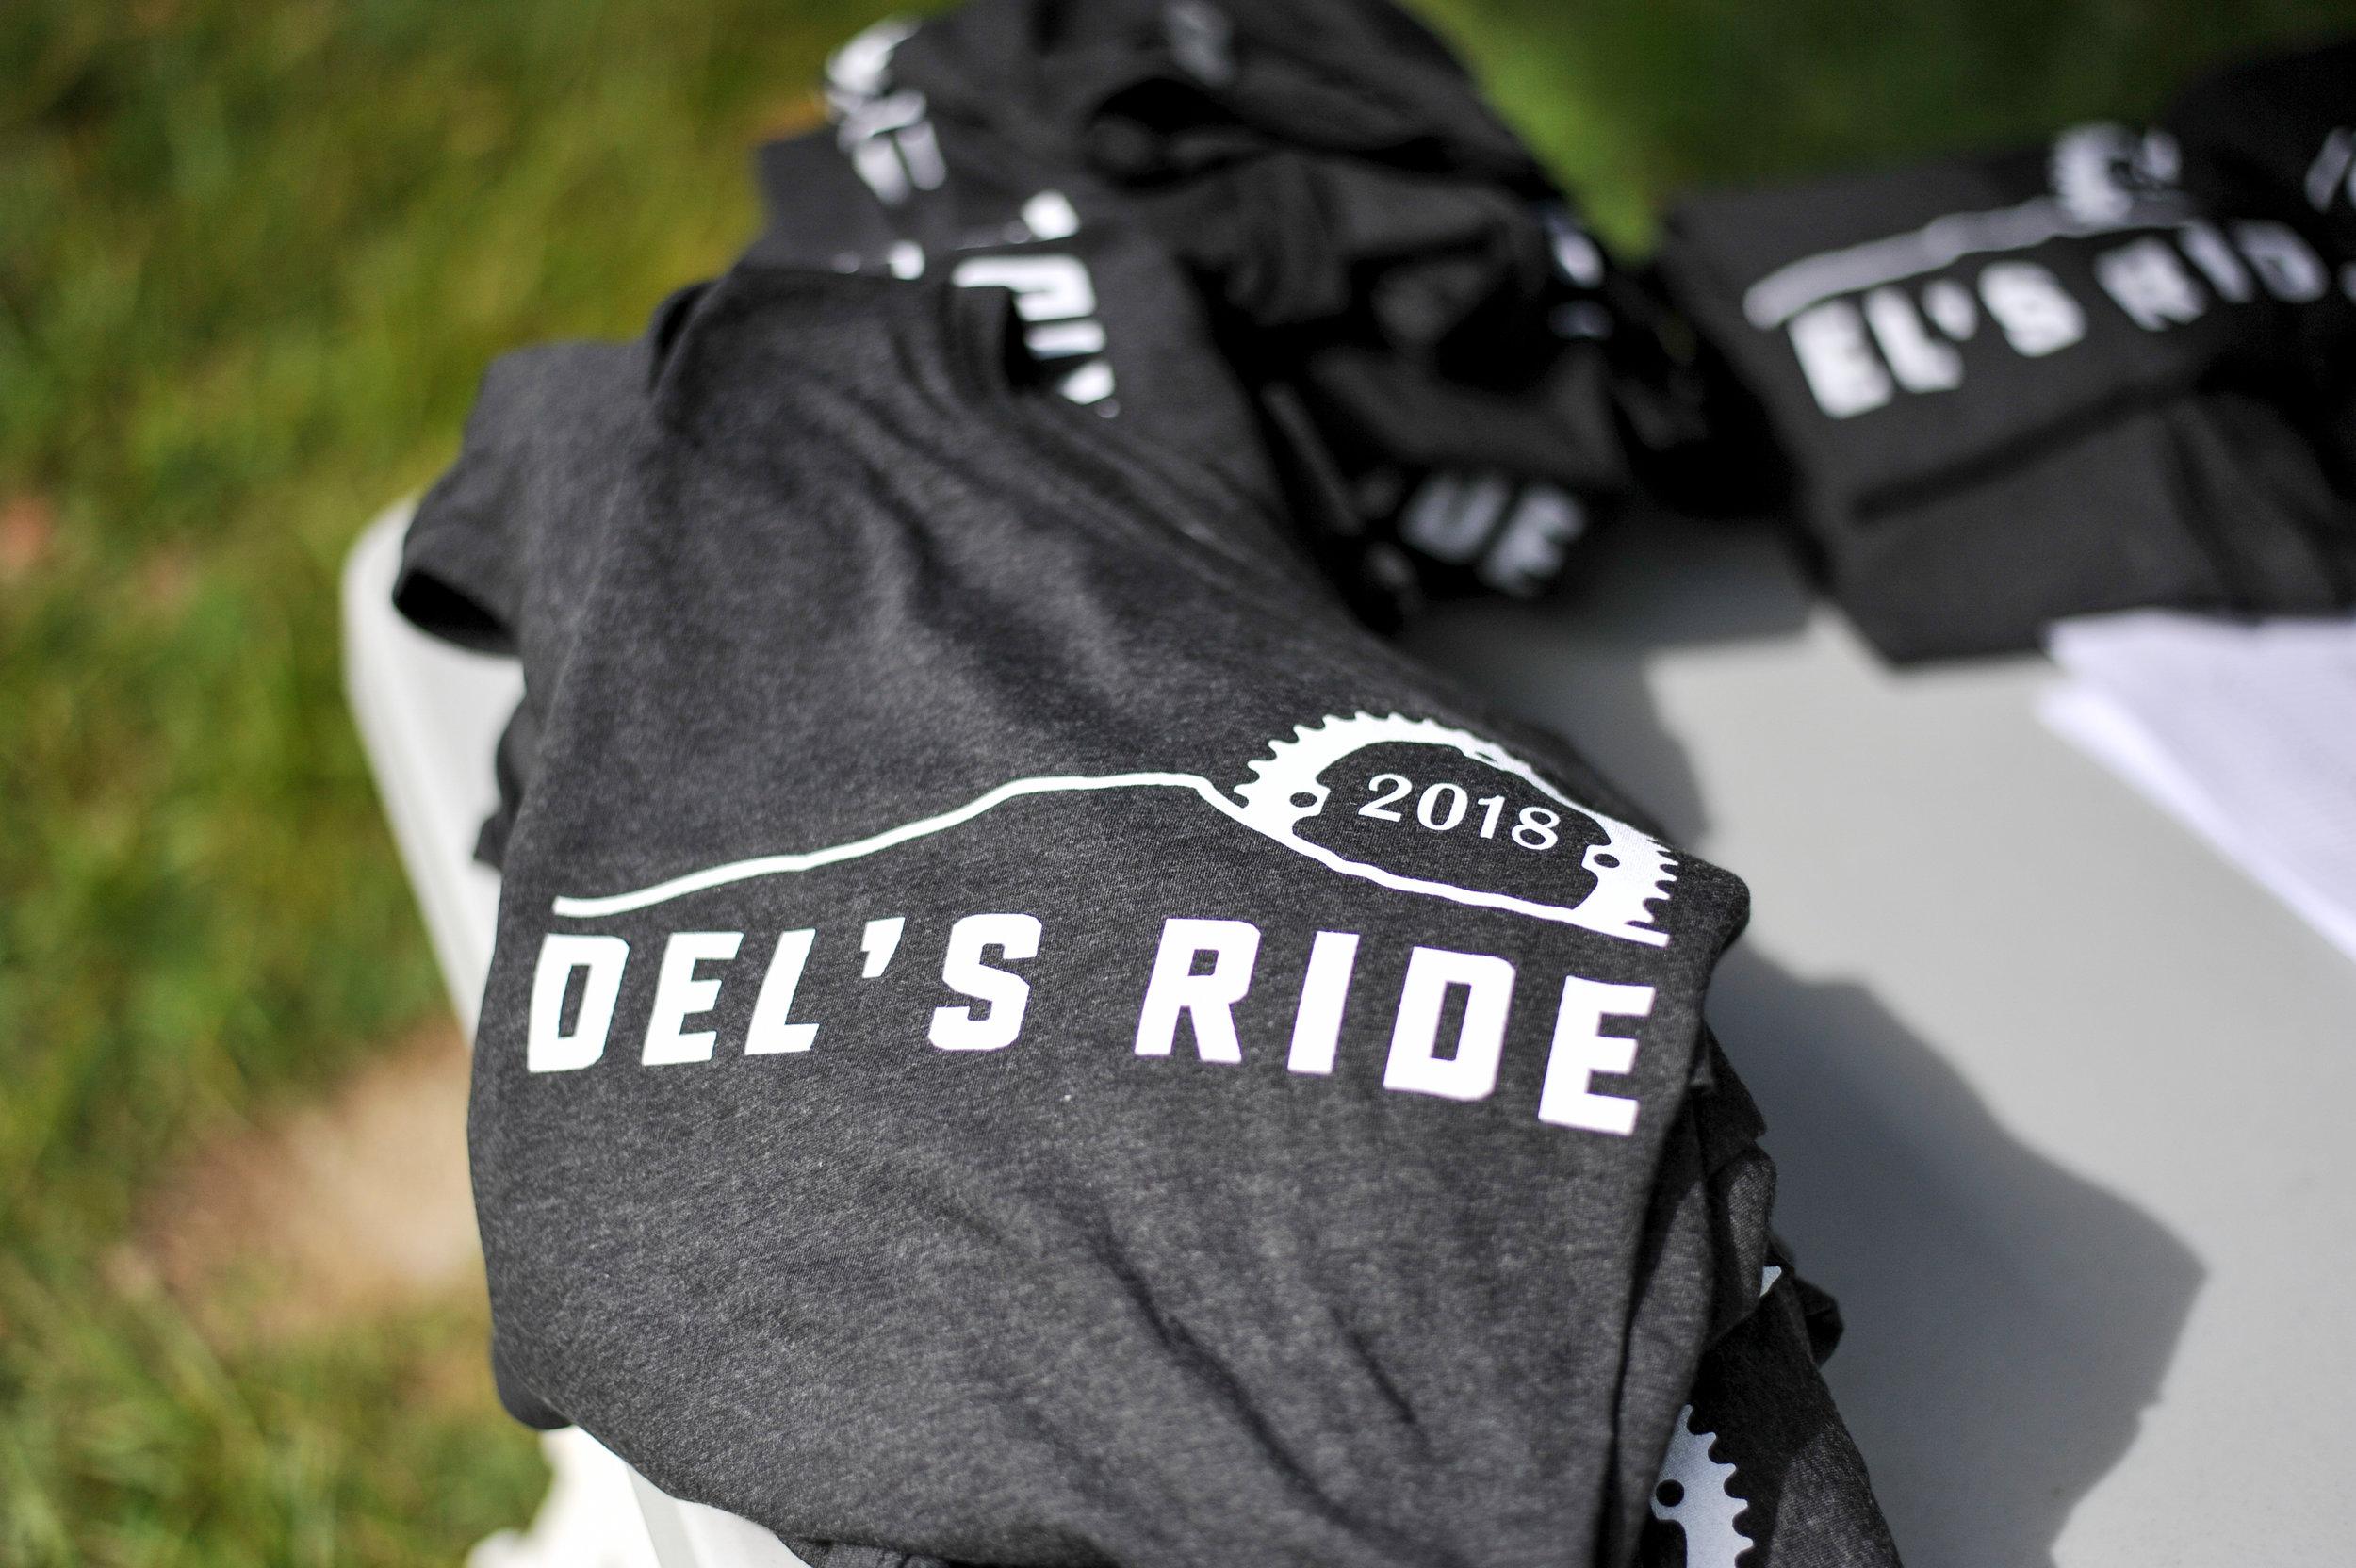 Dels Ride 2018 -2.jpg